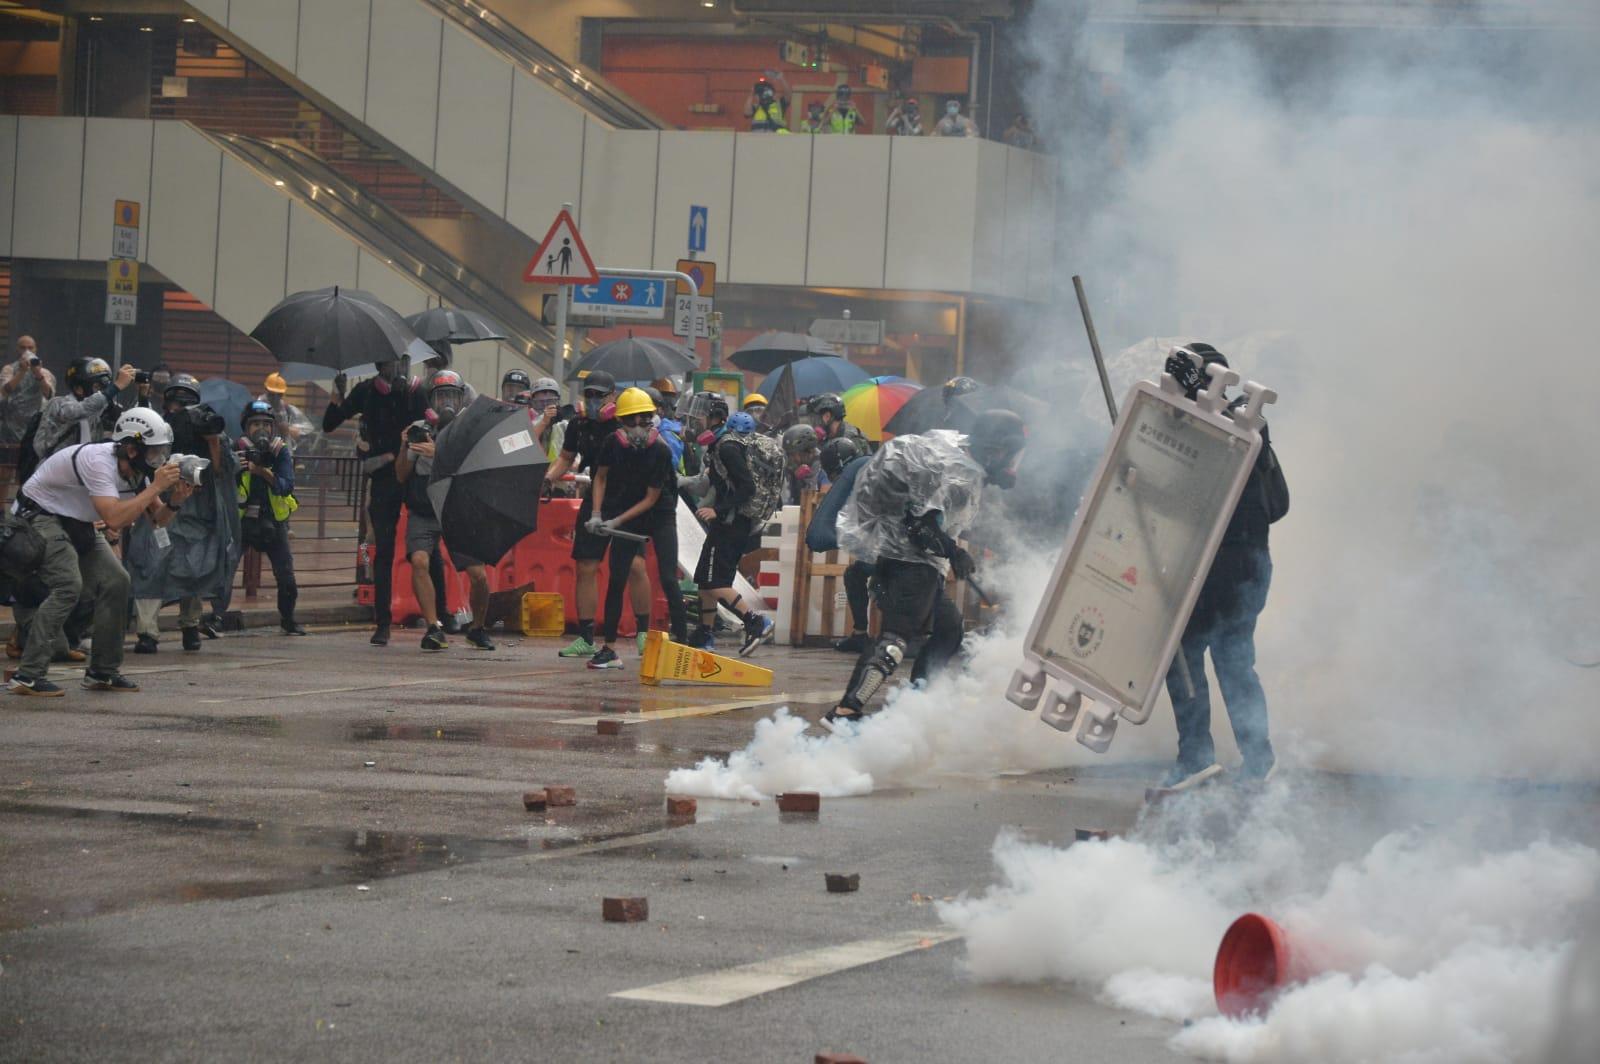 各區示威總共有41人受傷送院。